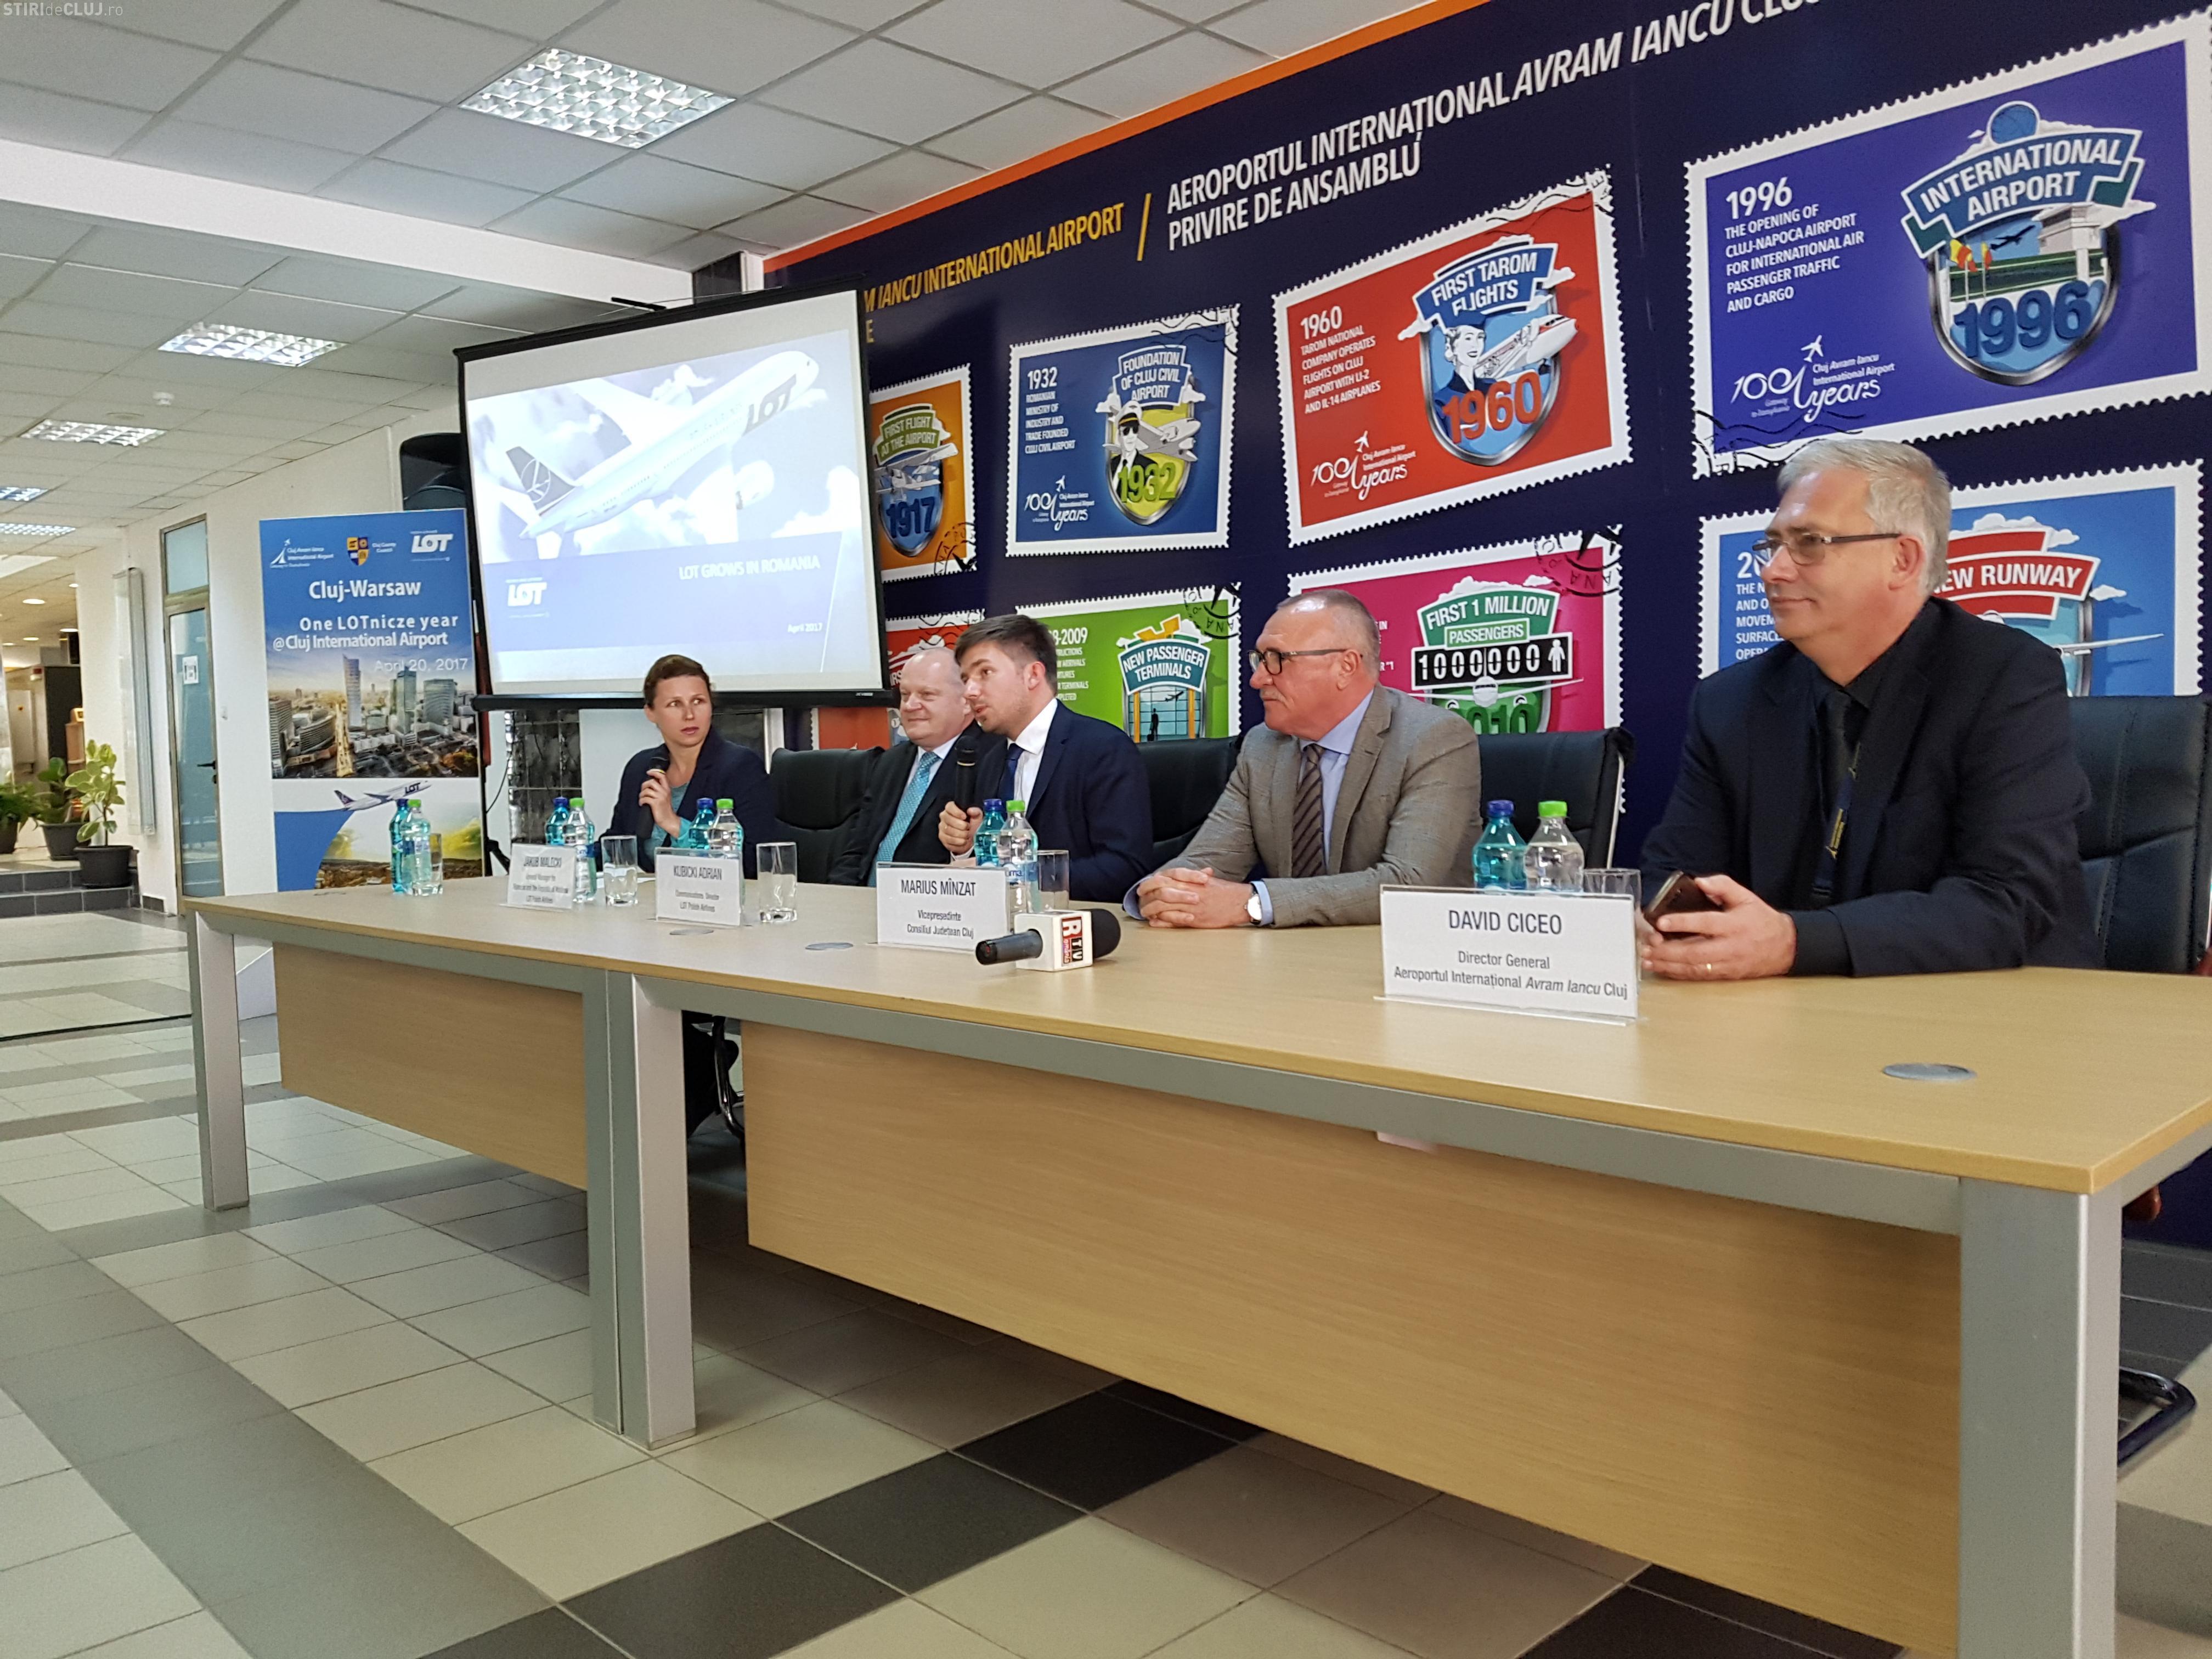 Compania LOT va crește numărul de zboruri pe ruta Cluj-Napoca - Varșovia